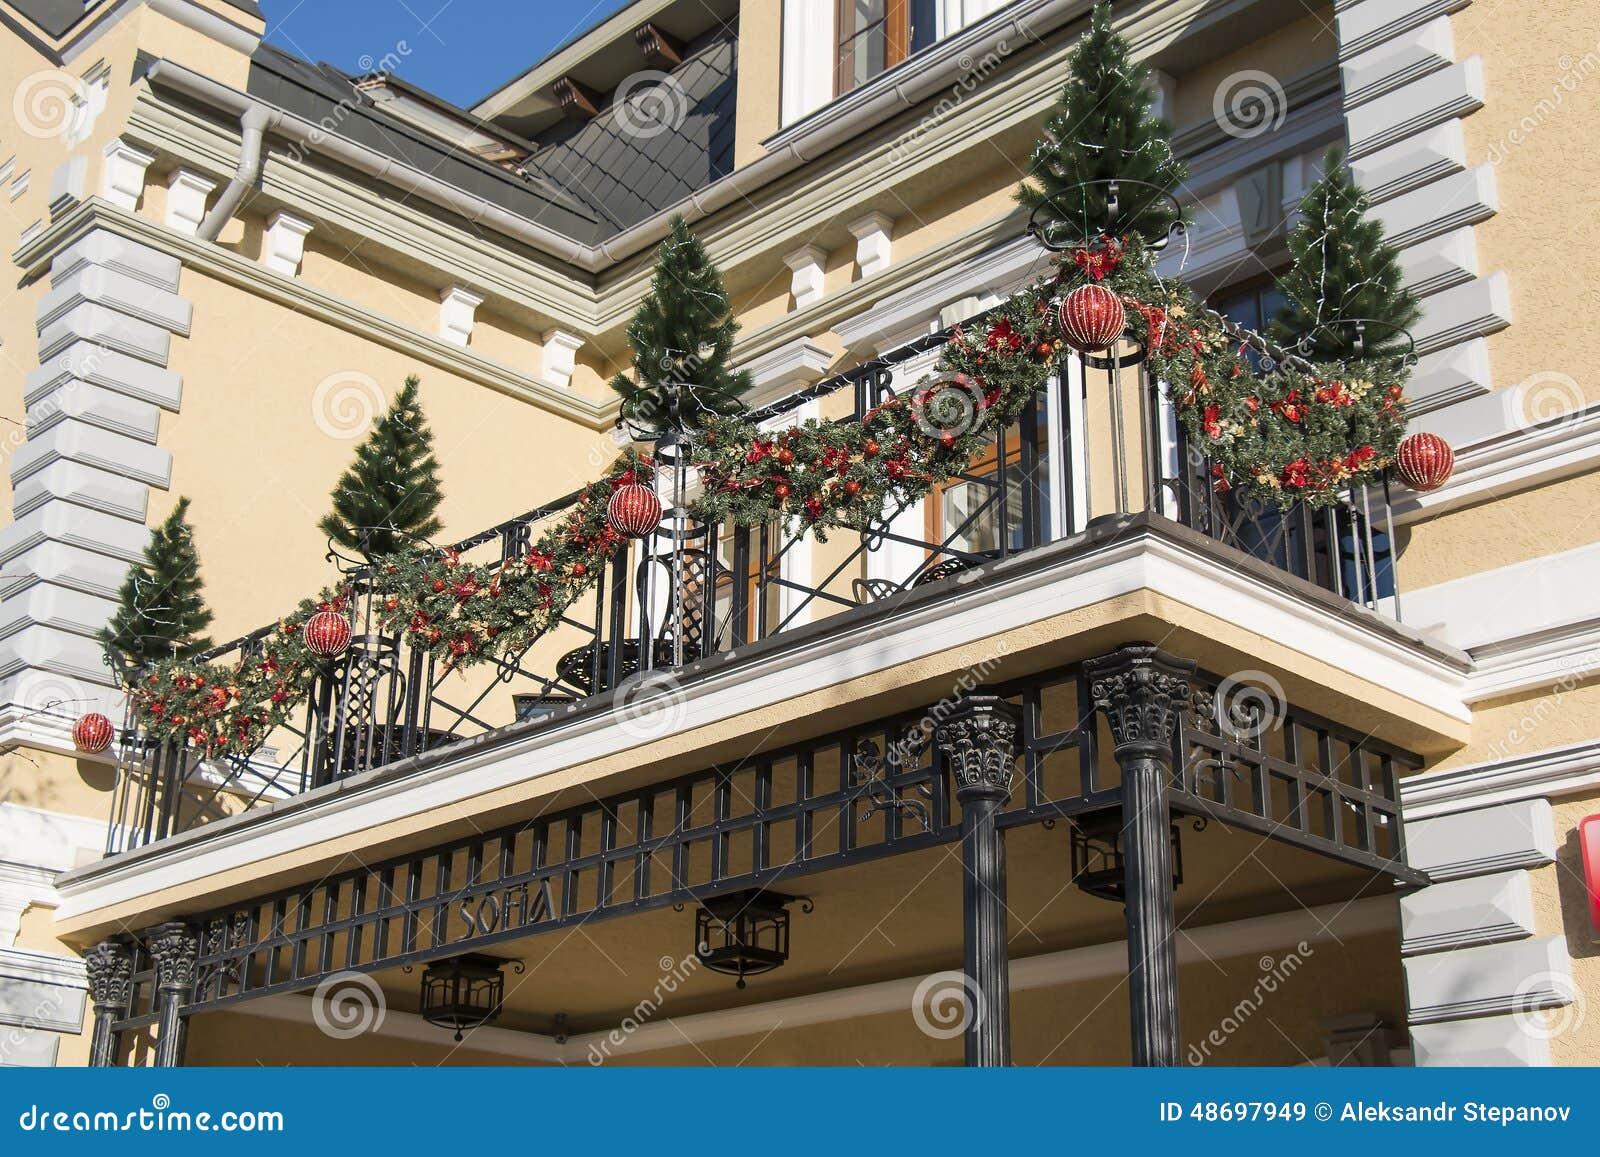 Decoration Balcon De Noel.Decorations De Noel Sur Le Balcon Kislovodsk Russie Image